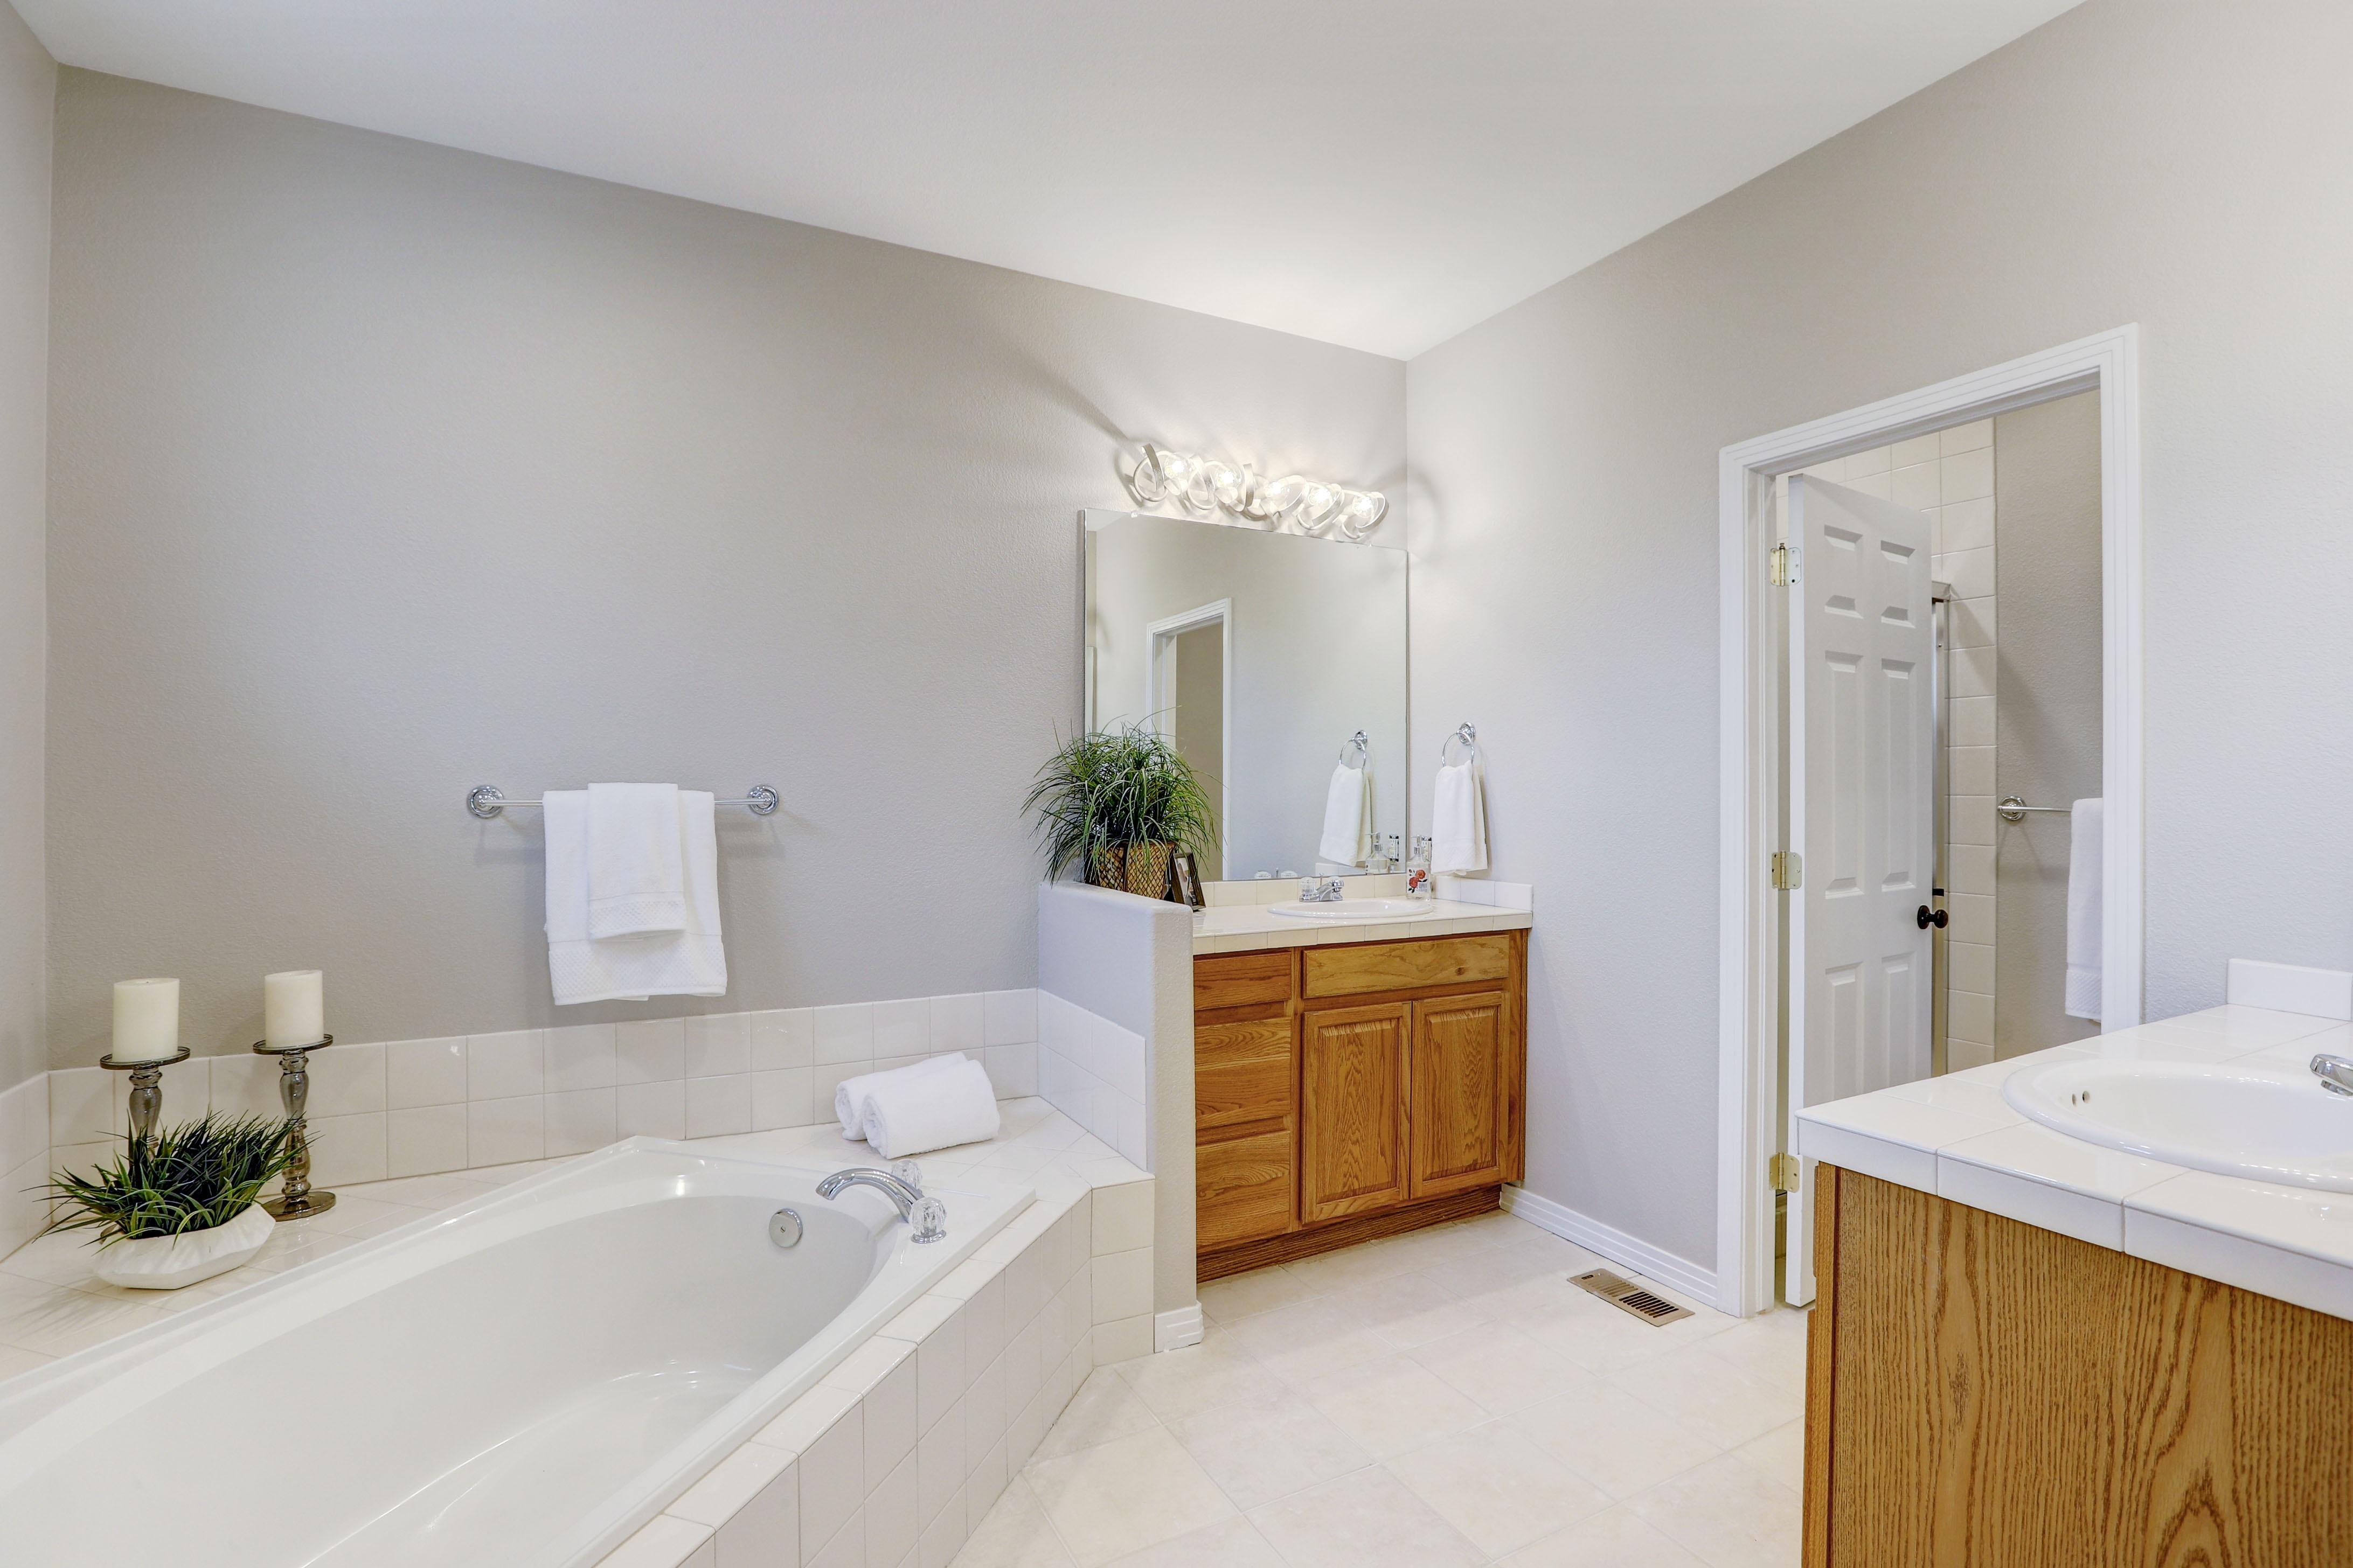 Master 5 Piece Bathroom